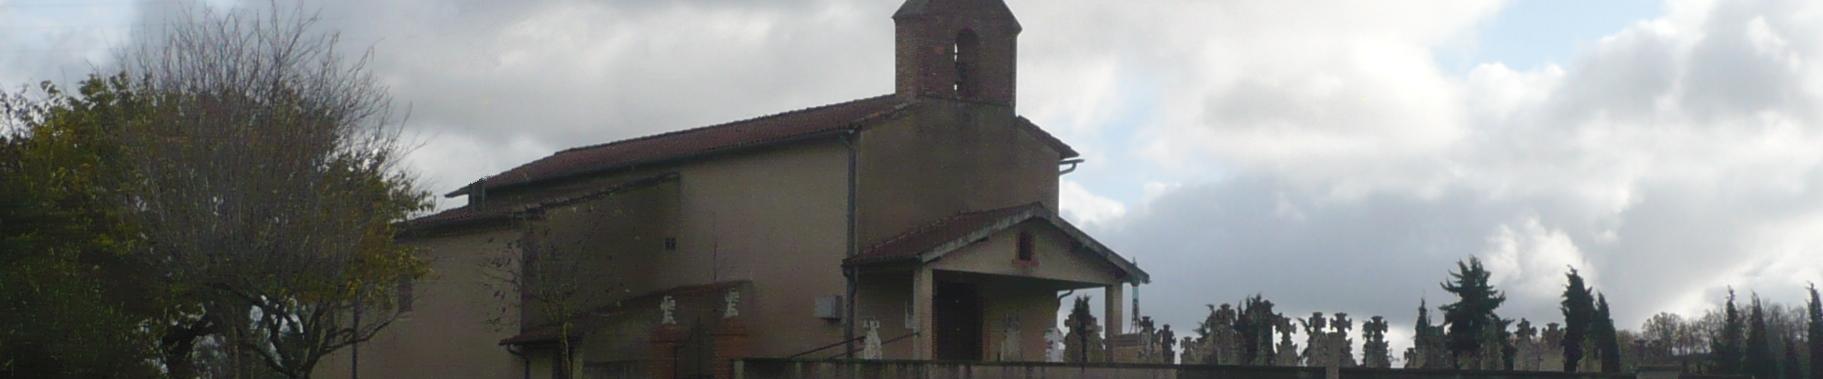 Eglise Saint-Genieys